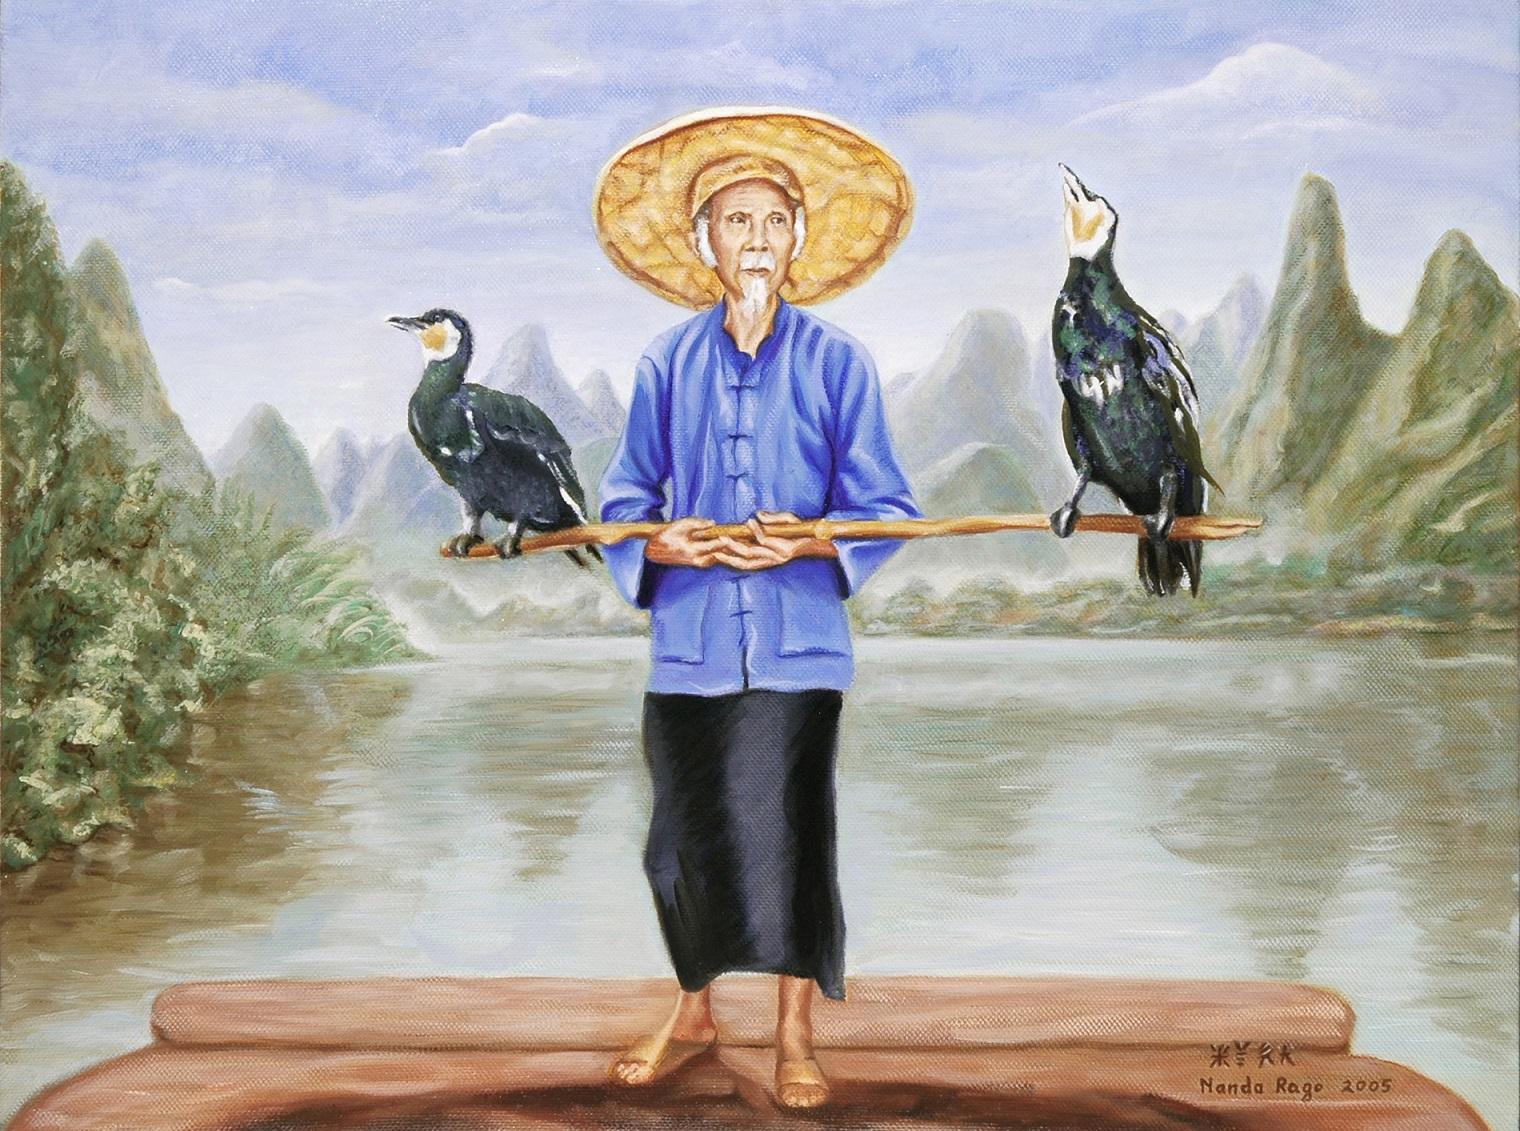 L'Angolo di Marta Lock: Il morbido Realismo di Nanda Rago, per scoprire angoli nascosti di mondi lon